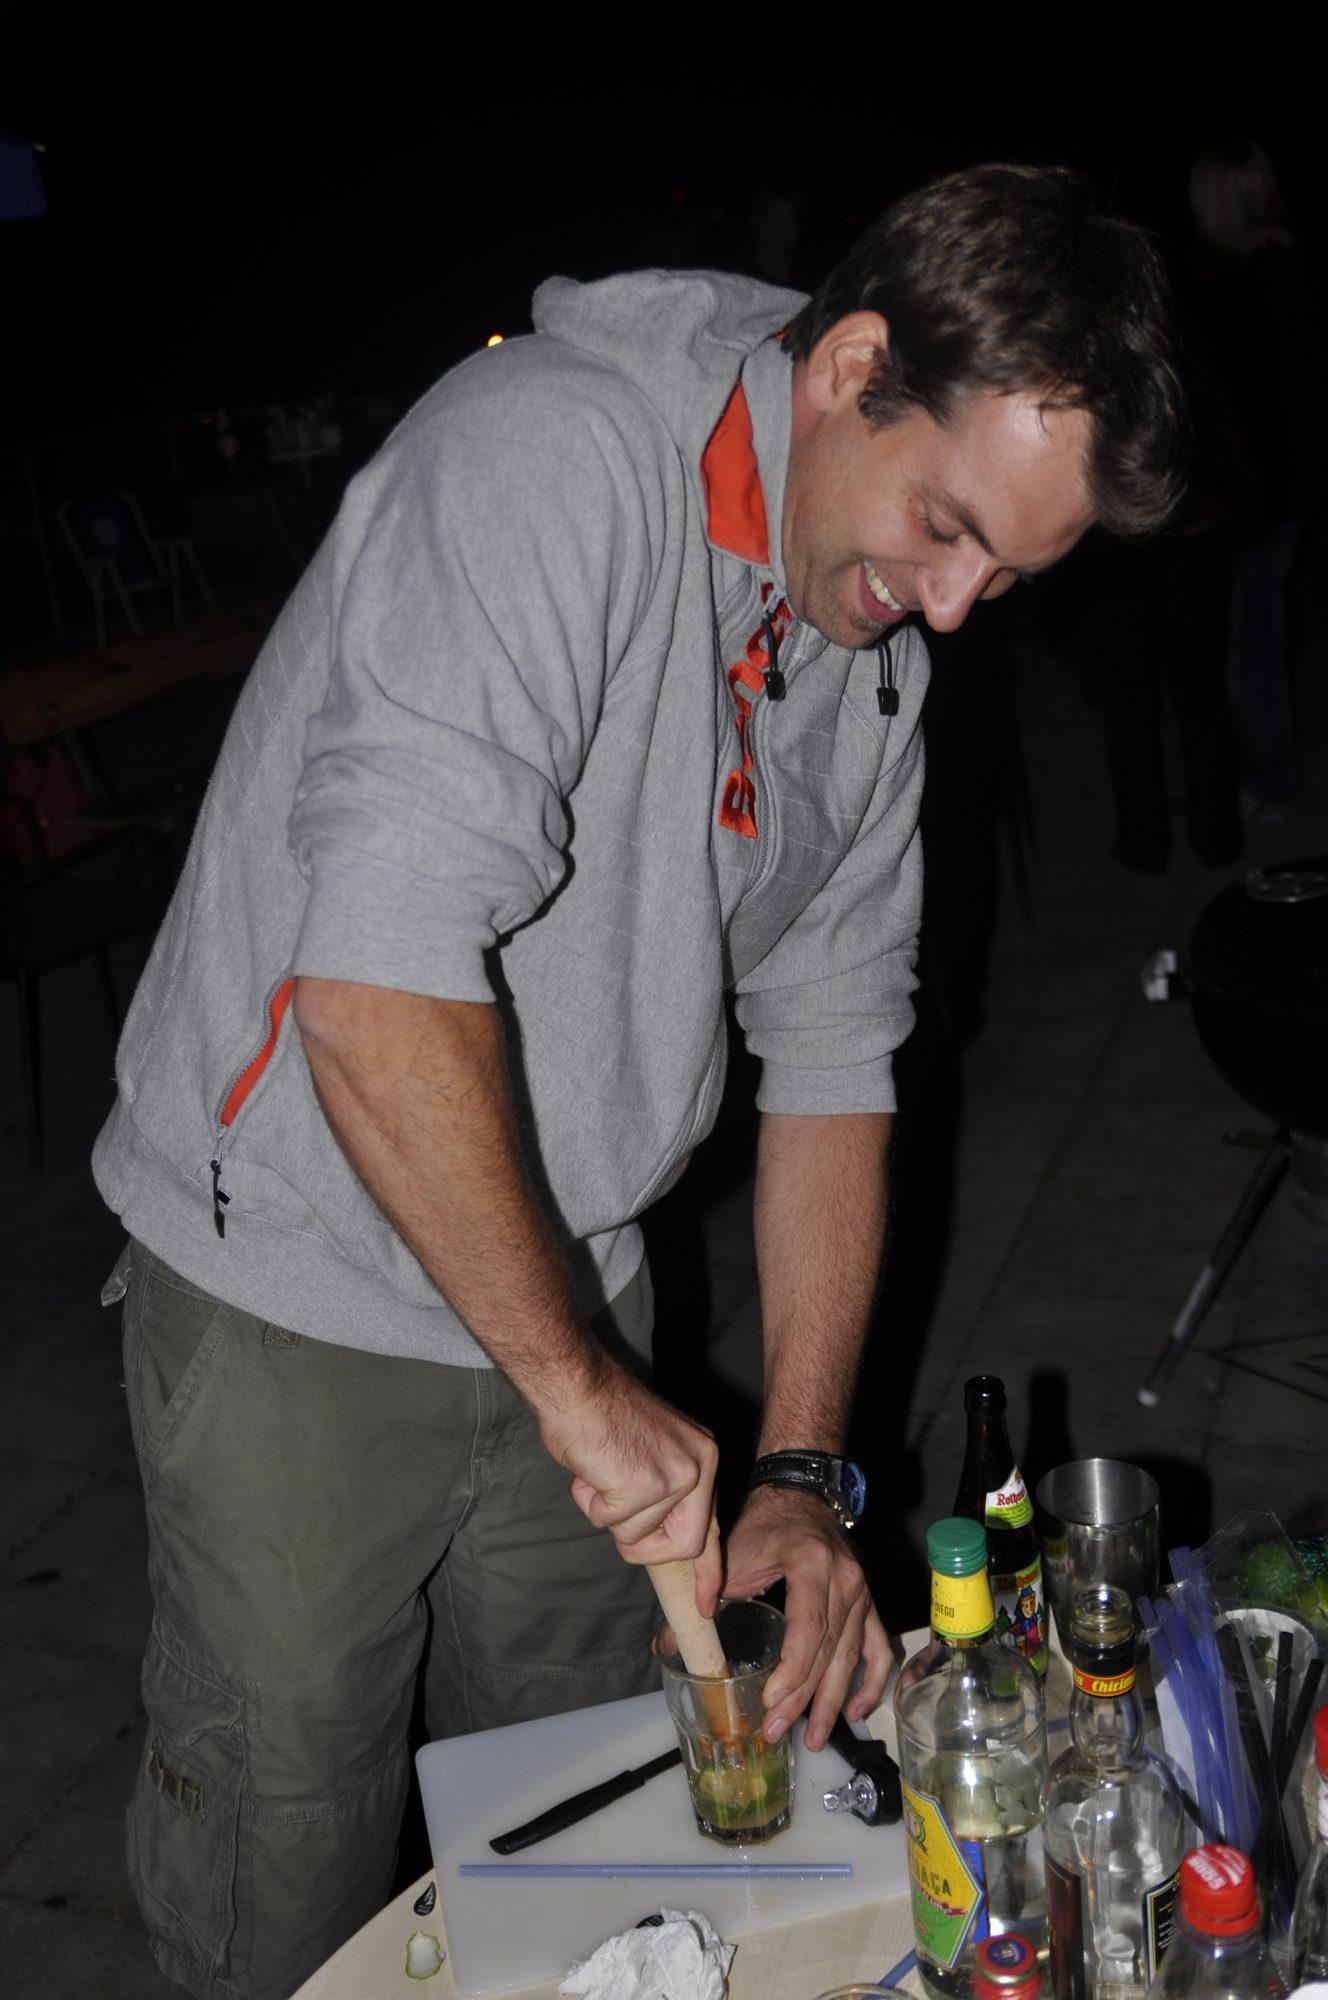 2010 - Thilos Geburtstag auf dem Dach in Kornwestheim. Jan beim Mixen.